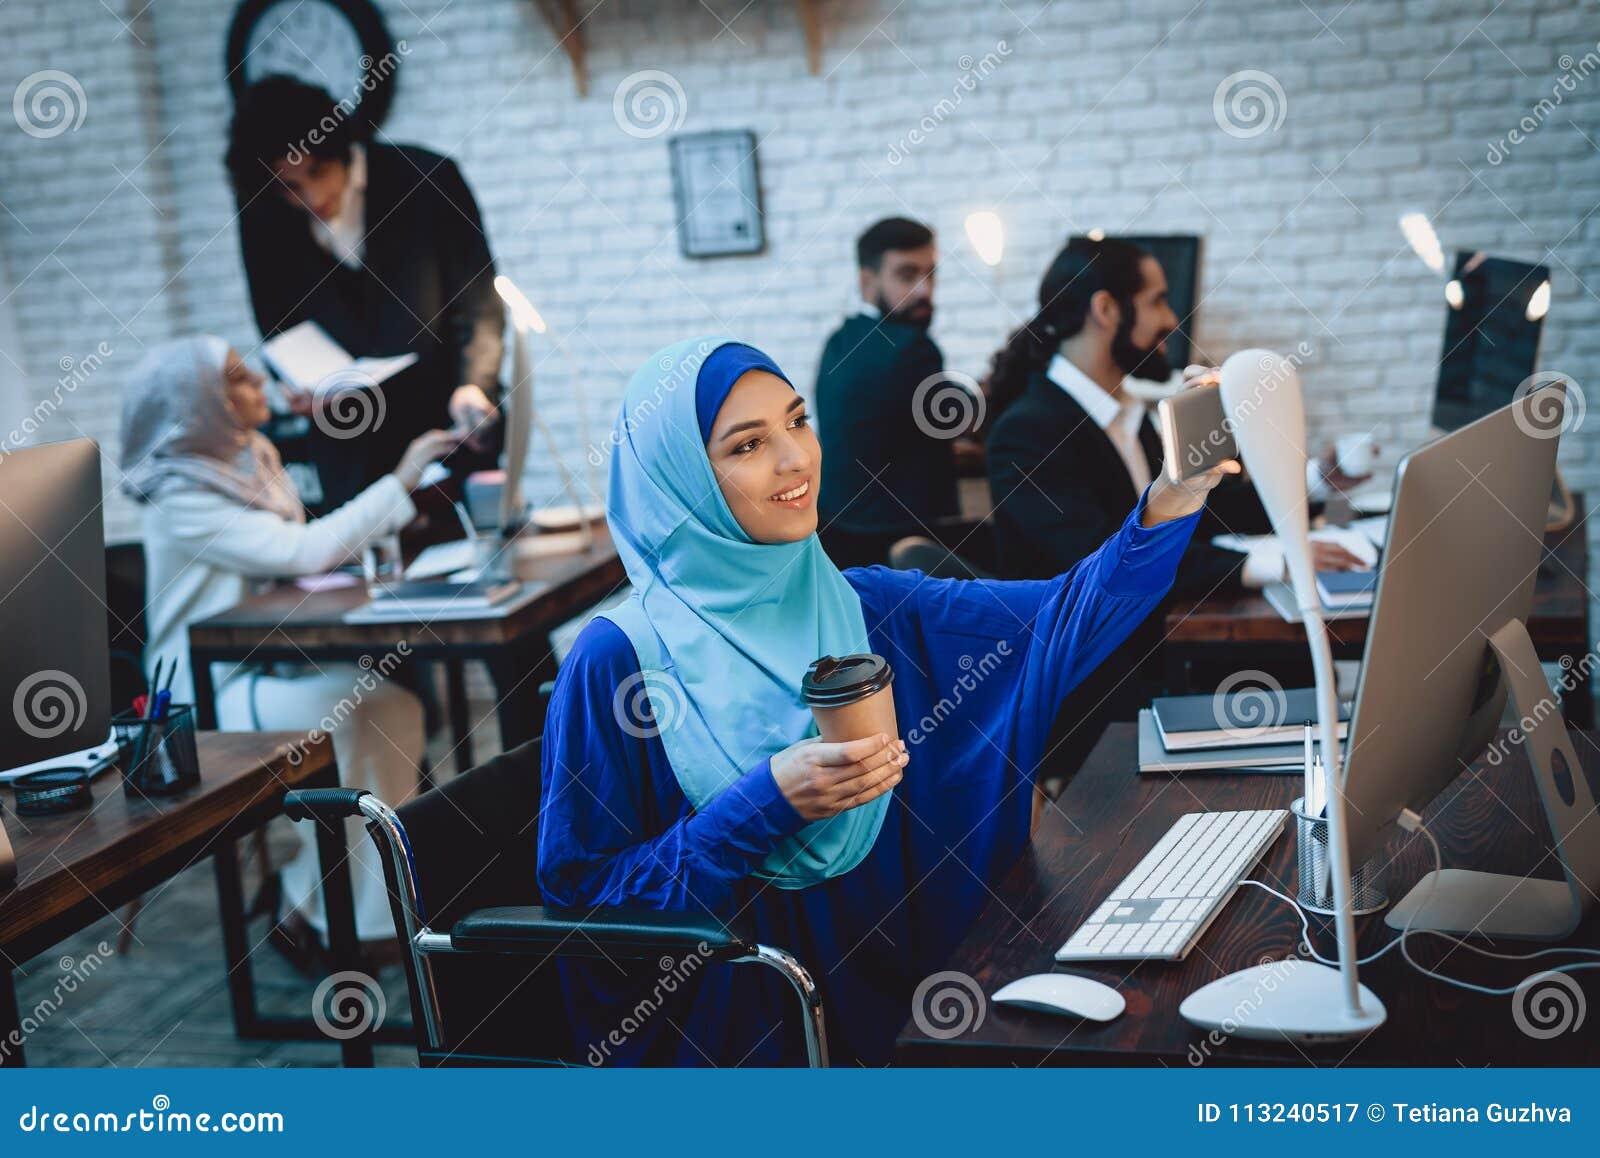 Mujer árabe discapacitada en la silla de ruedas que trabaja en oficina La mujer está tomando el selfie